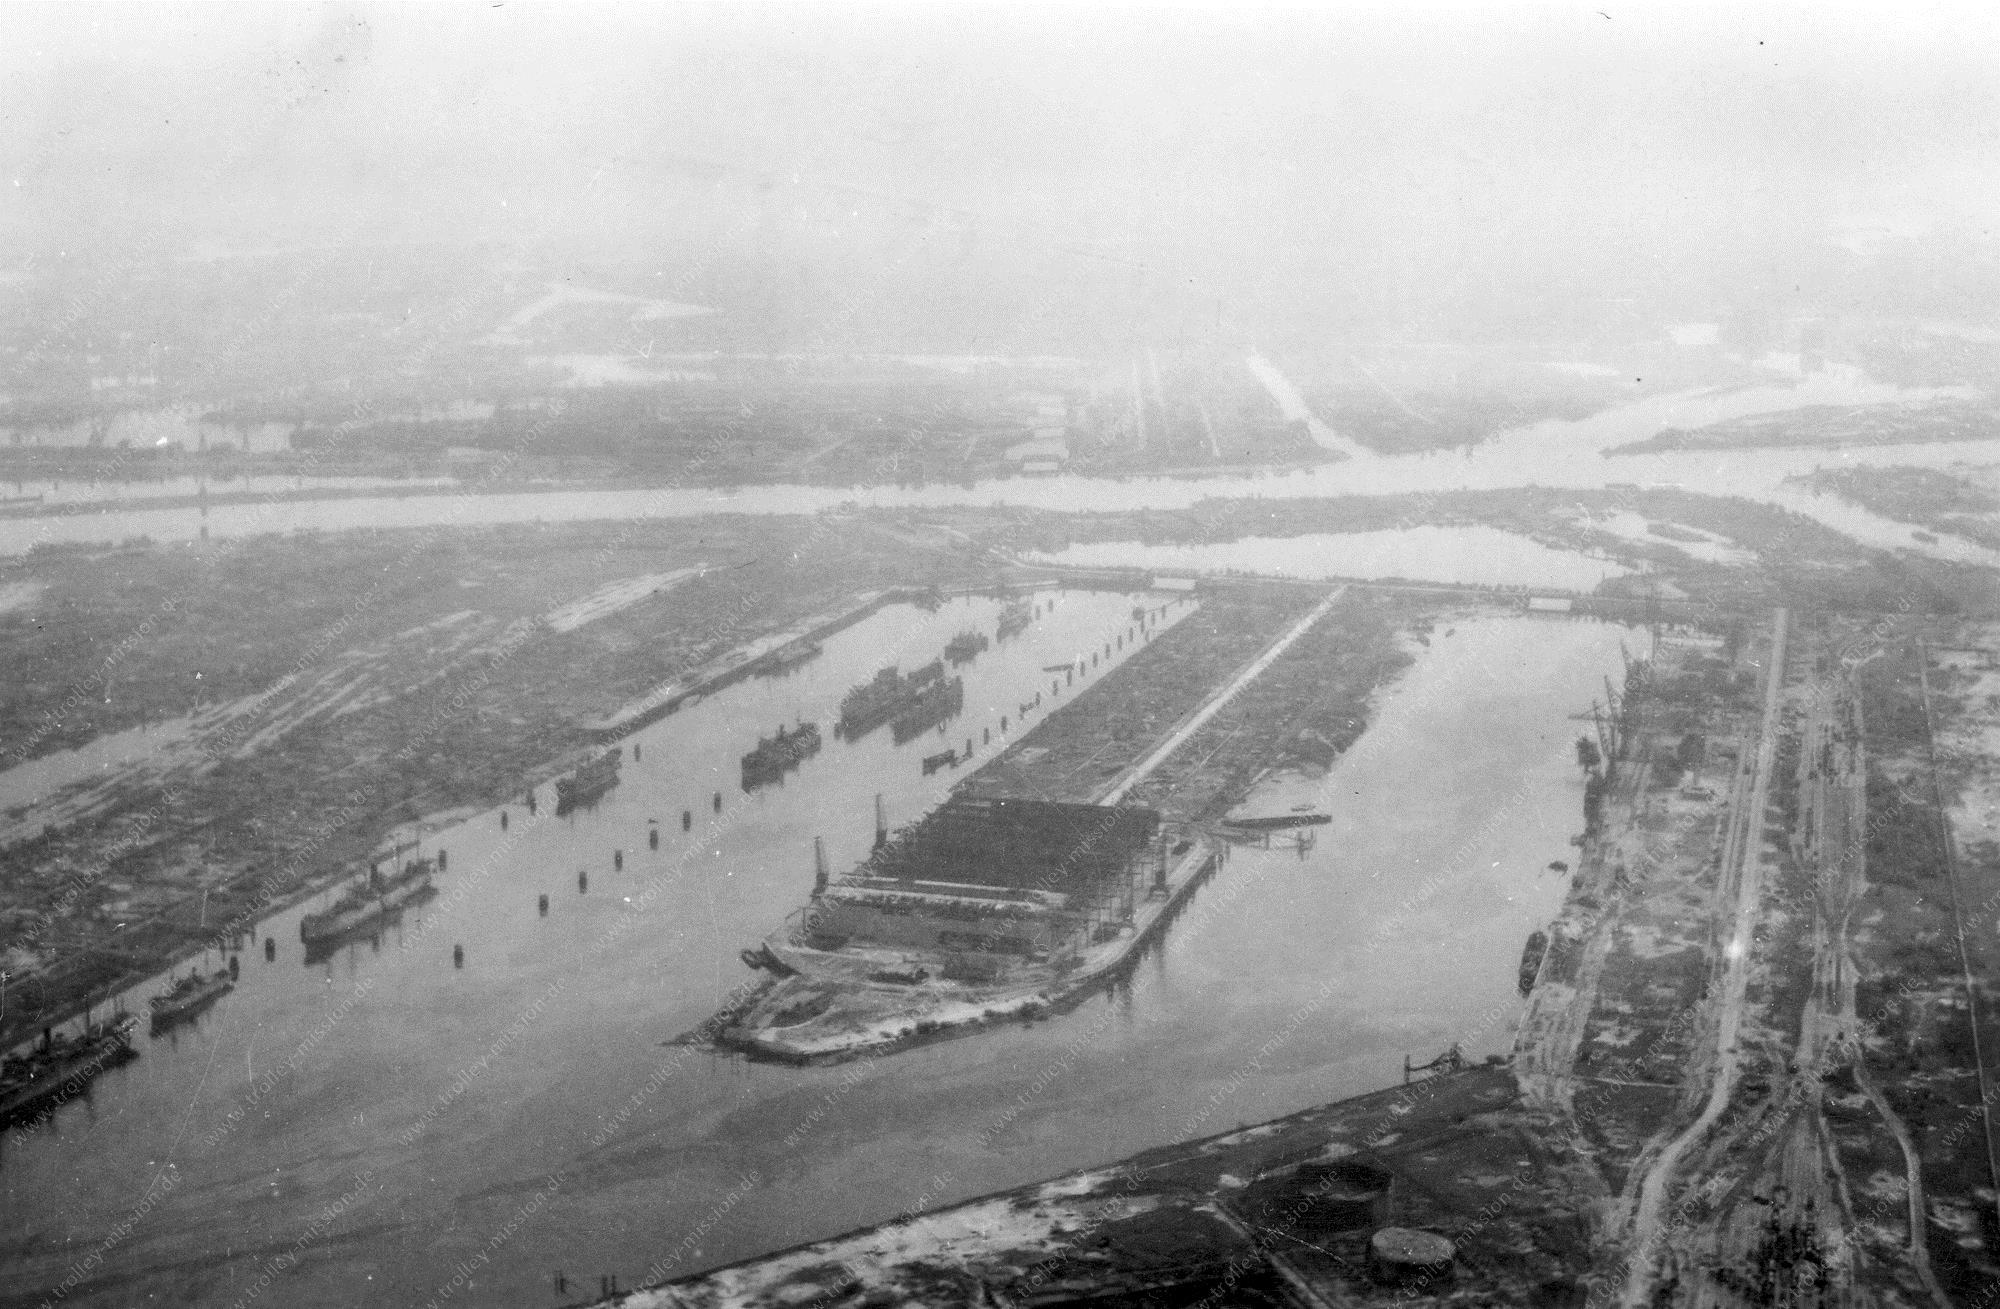 Hamburg Luftbild Waltershofer Hafen und Griesenwerder Hafen und Köhlbrand